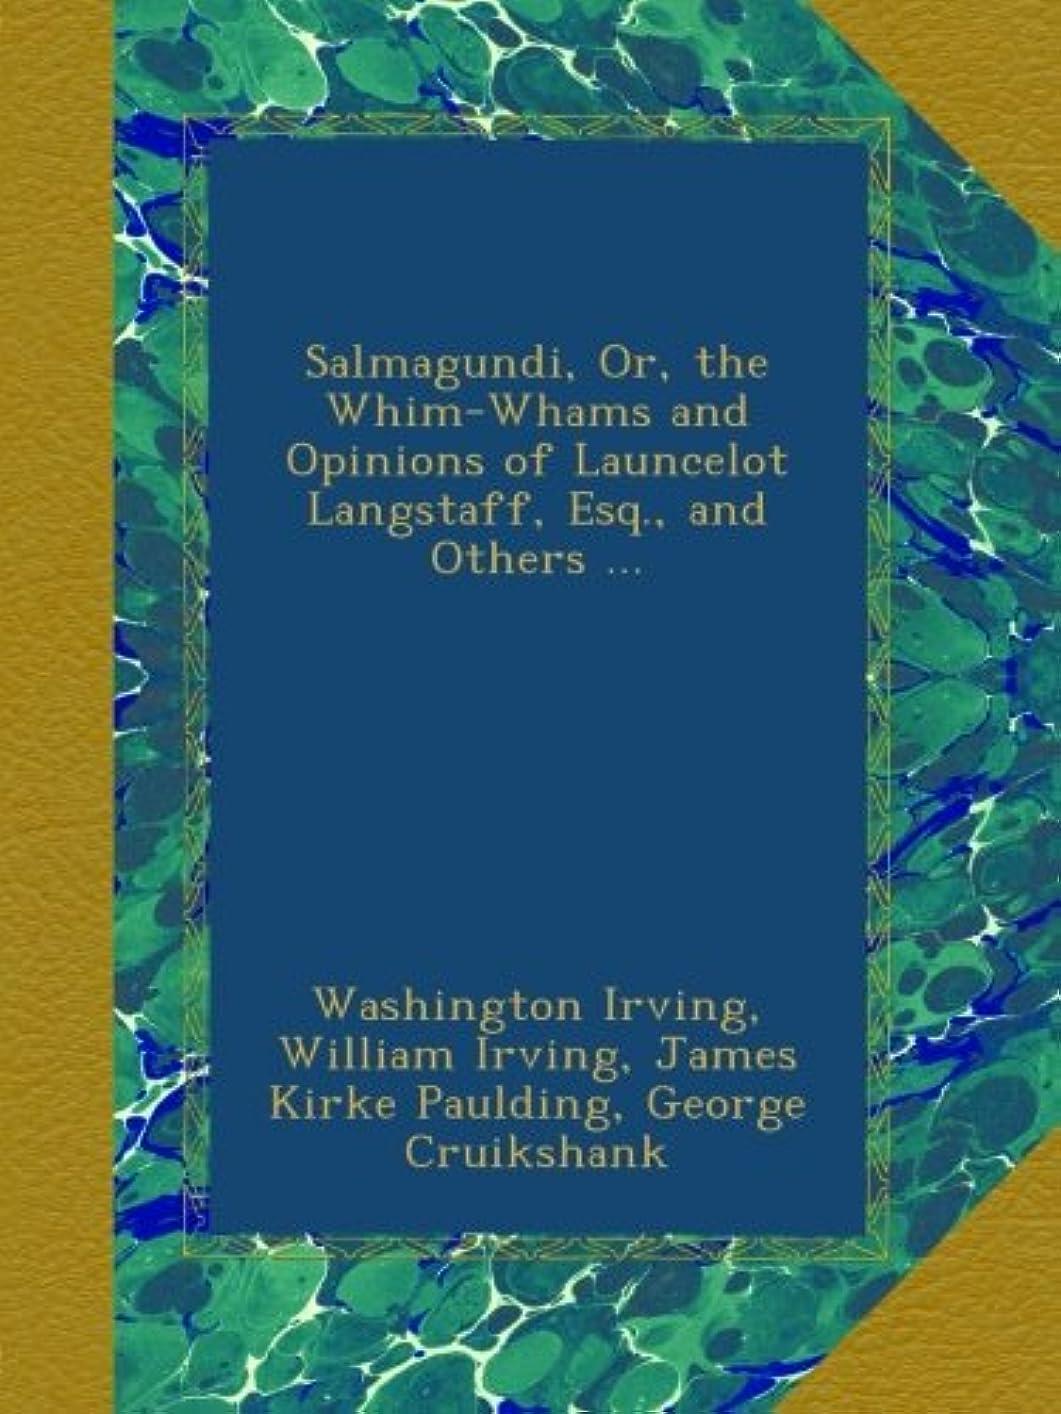 弾力性のある推測する慣らすSalmagundi, Or, the Whim-Whams and Opinions of Launcelot Langstaff, Esq., and Others ...